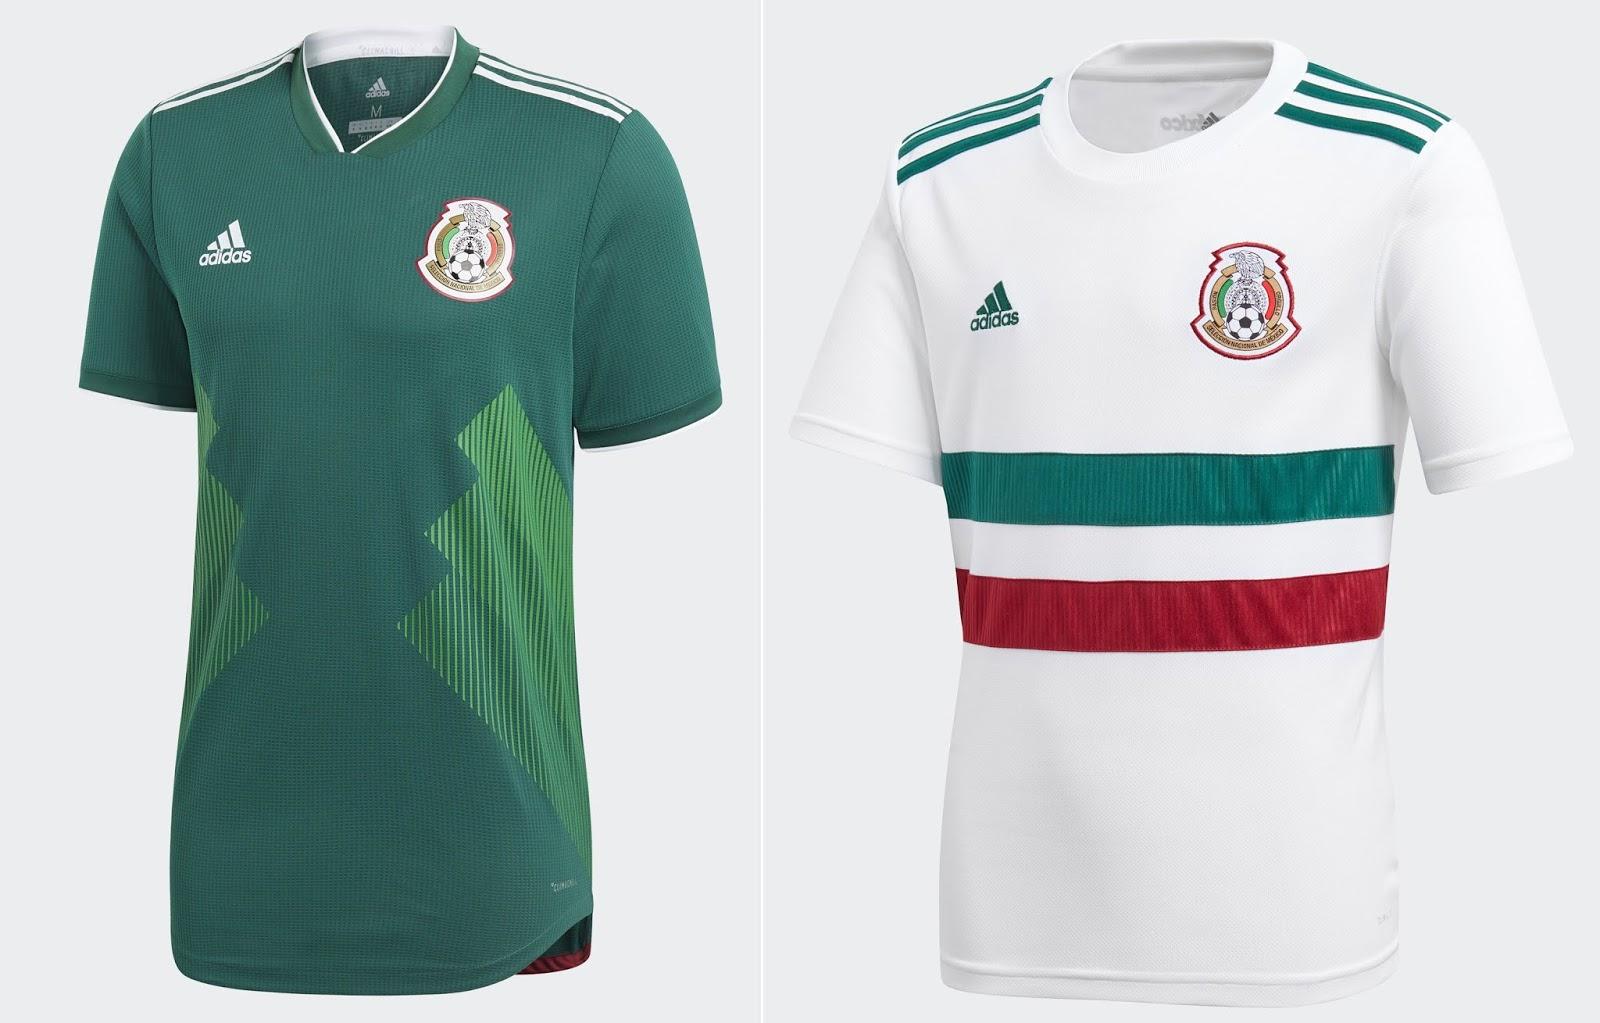 c5f2126c15b FIFA World Cup 2018 Kits (All 32 Teams Jerseys)